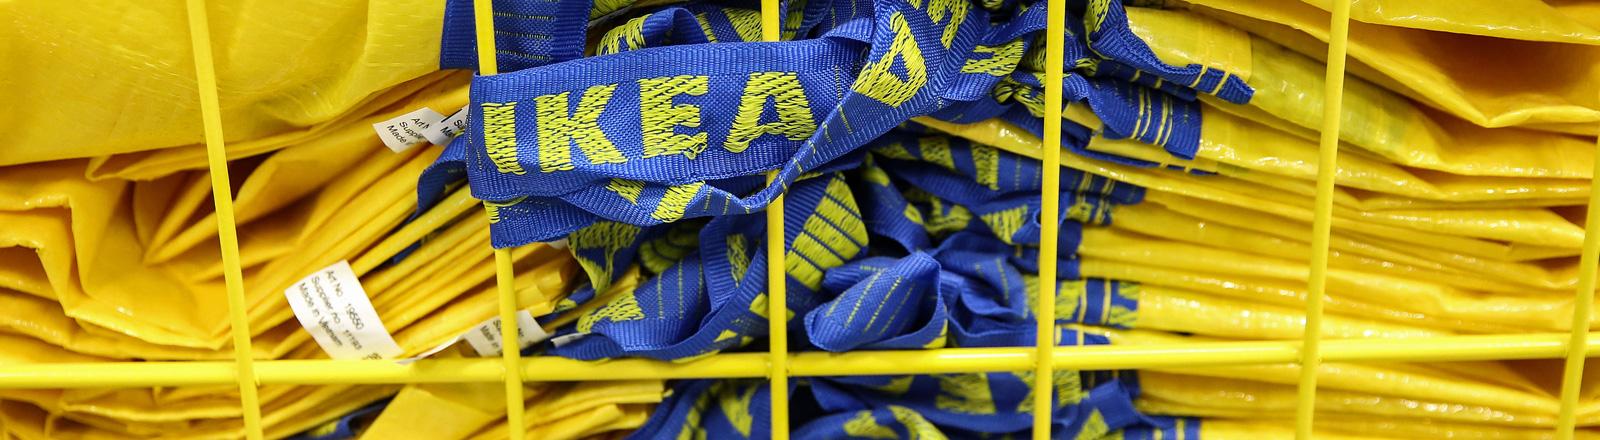 Ein Stapel von Ikea-Tüten.